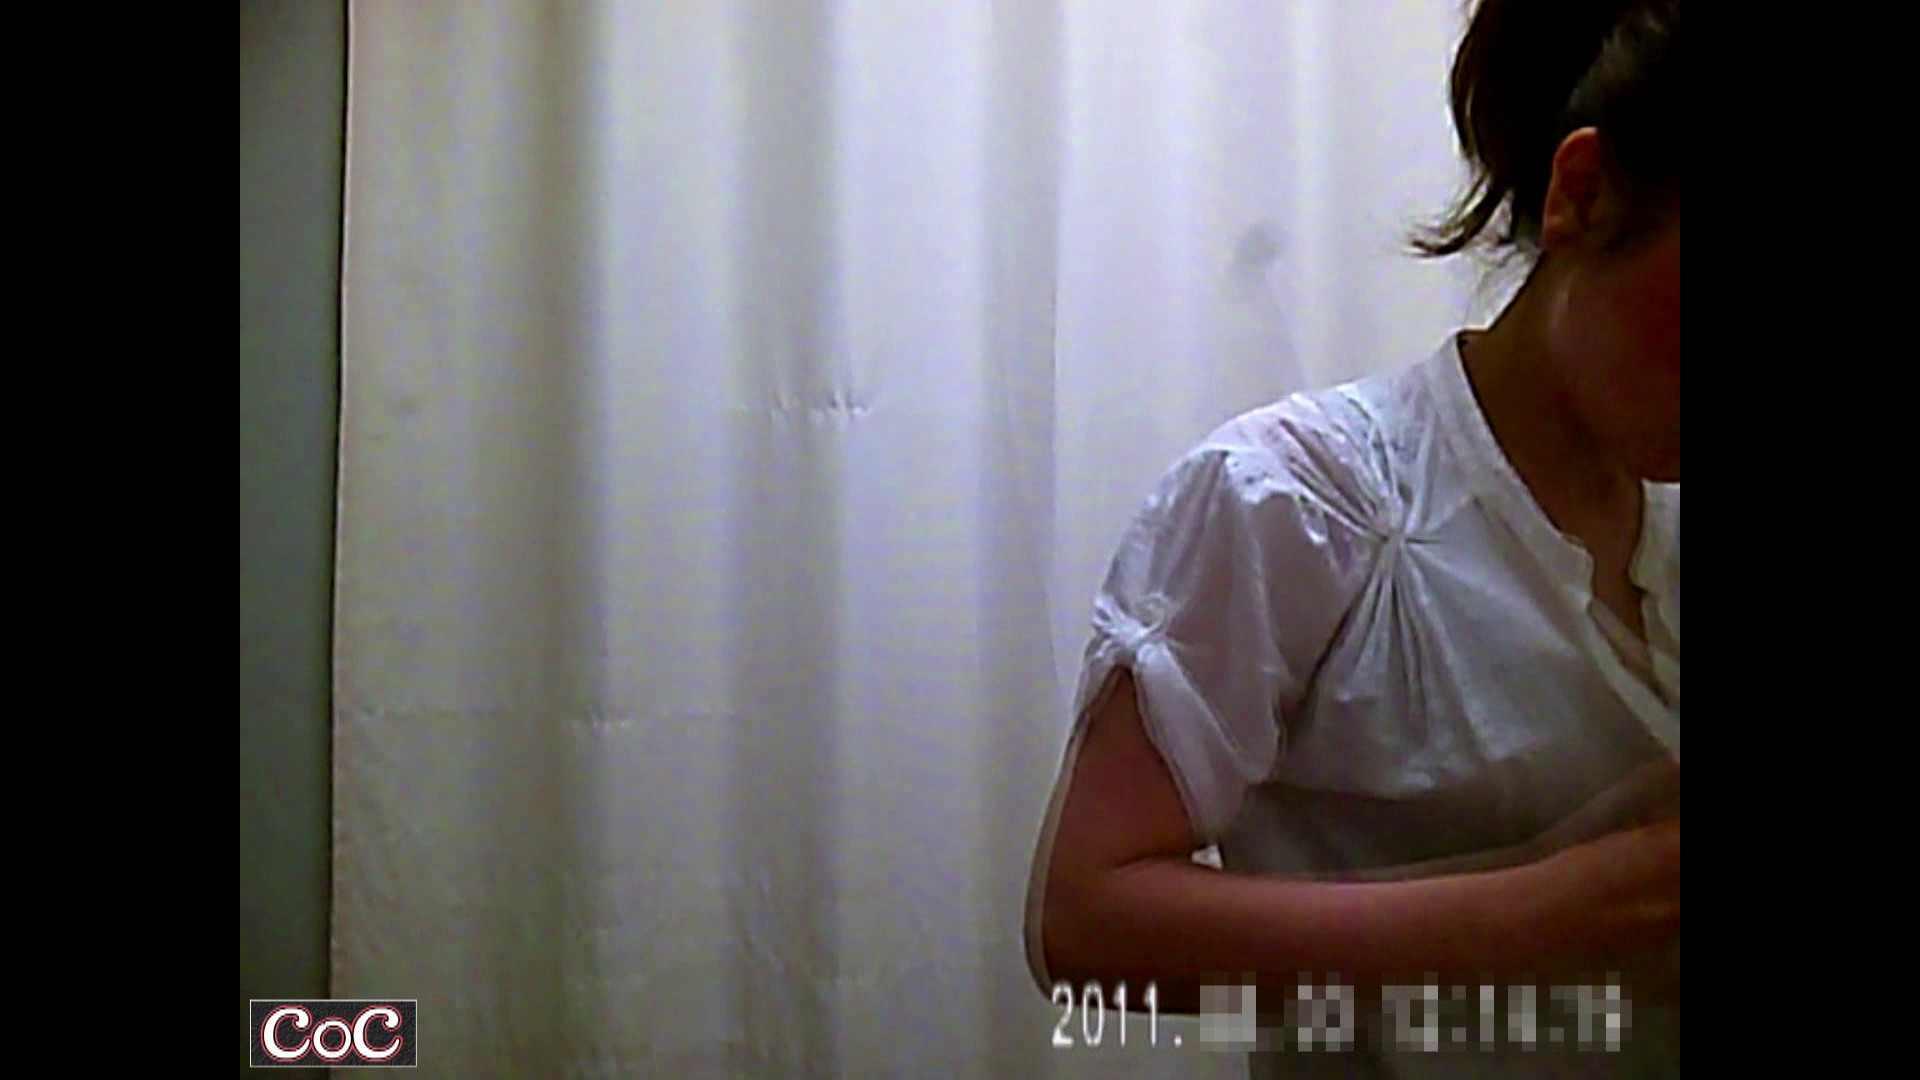 病院おもいっきり着替え! vol.09 おっぱい特集 おめこ無修正画像 89pic 59